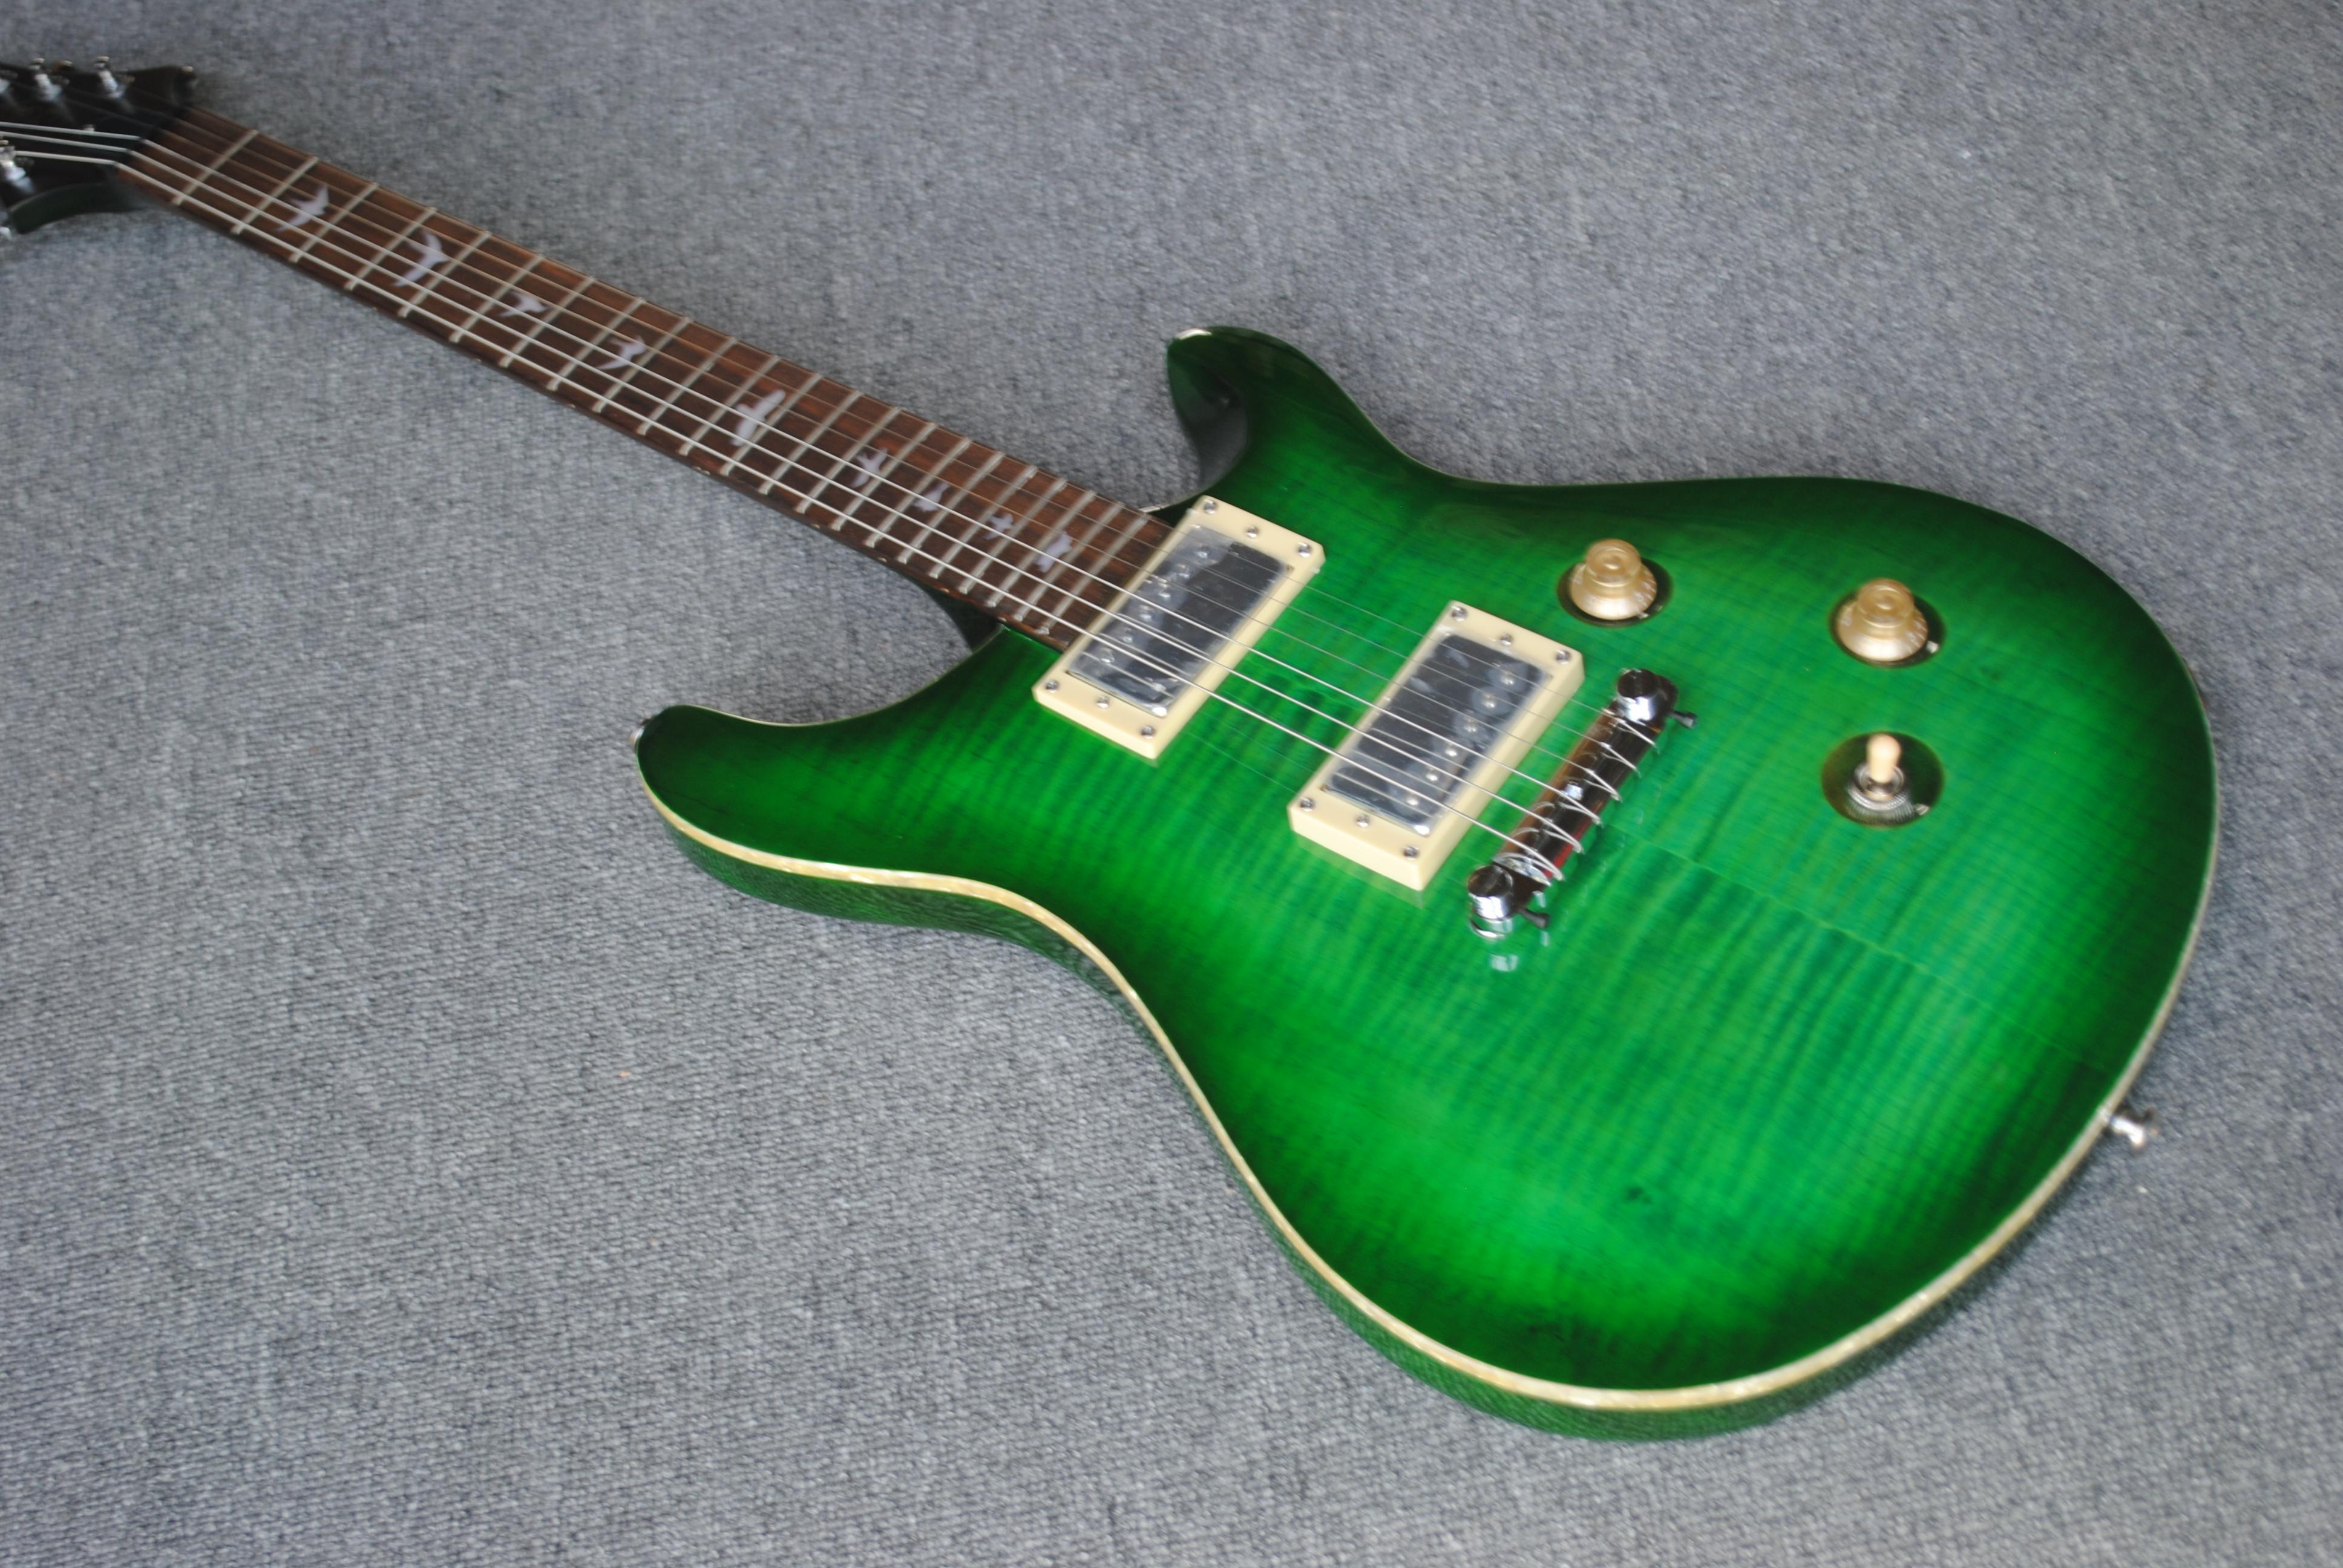 PR guitare de haute qualité, exquise, sur mesure, la plus chaude nouvelle guitare de 2020- 34